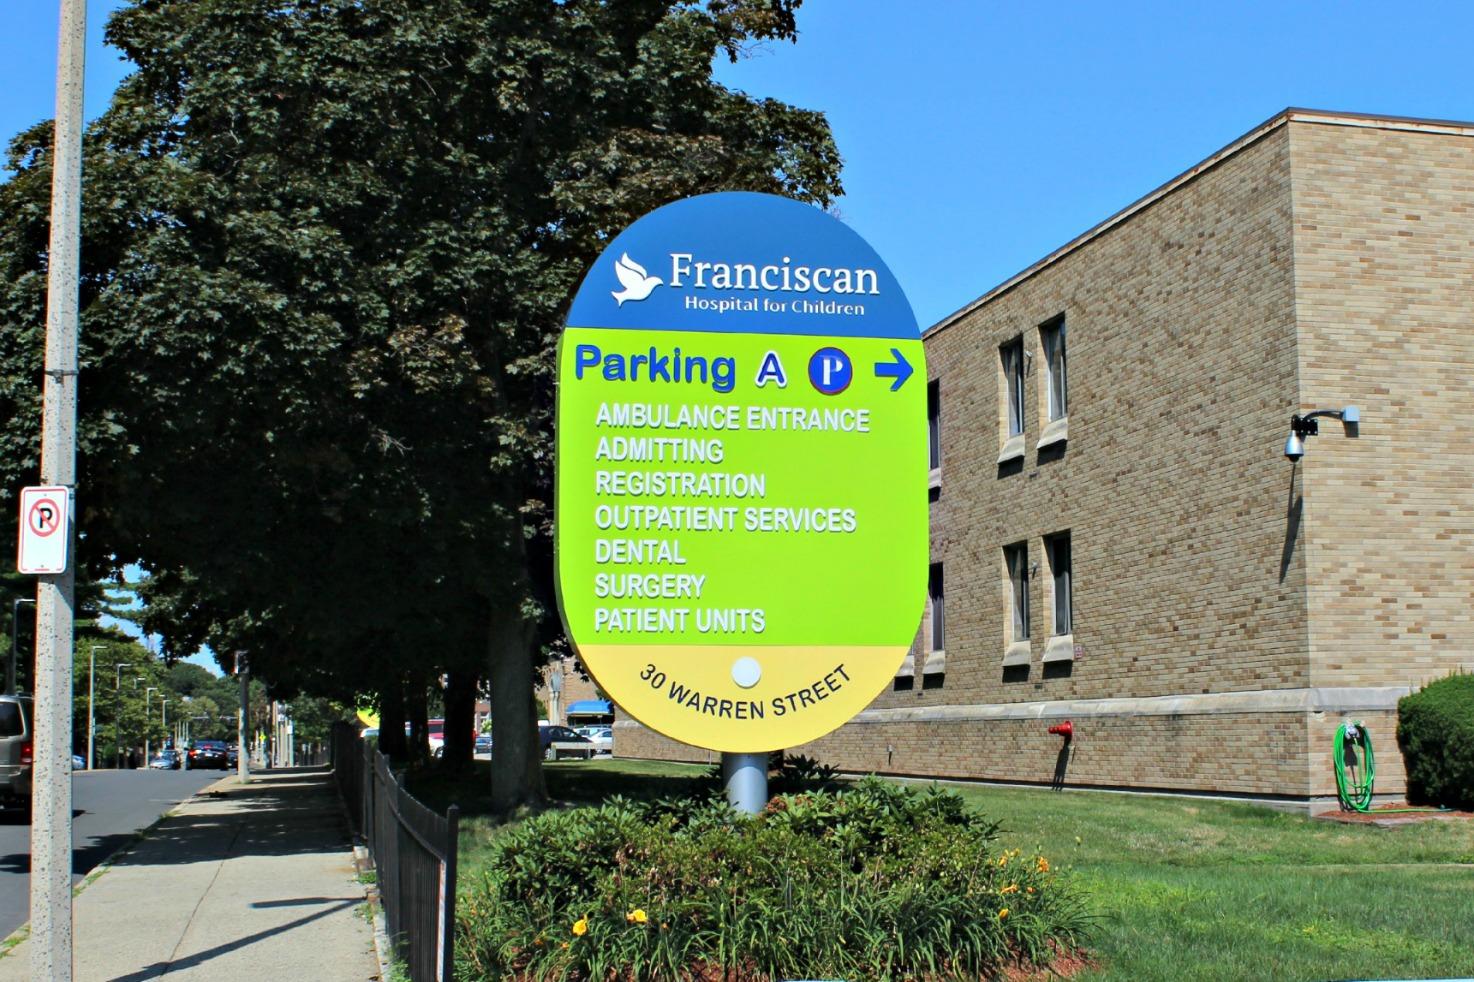 Parking Lot A Signage